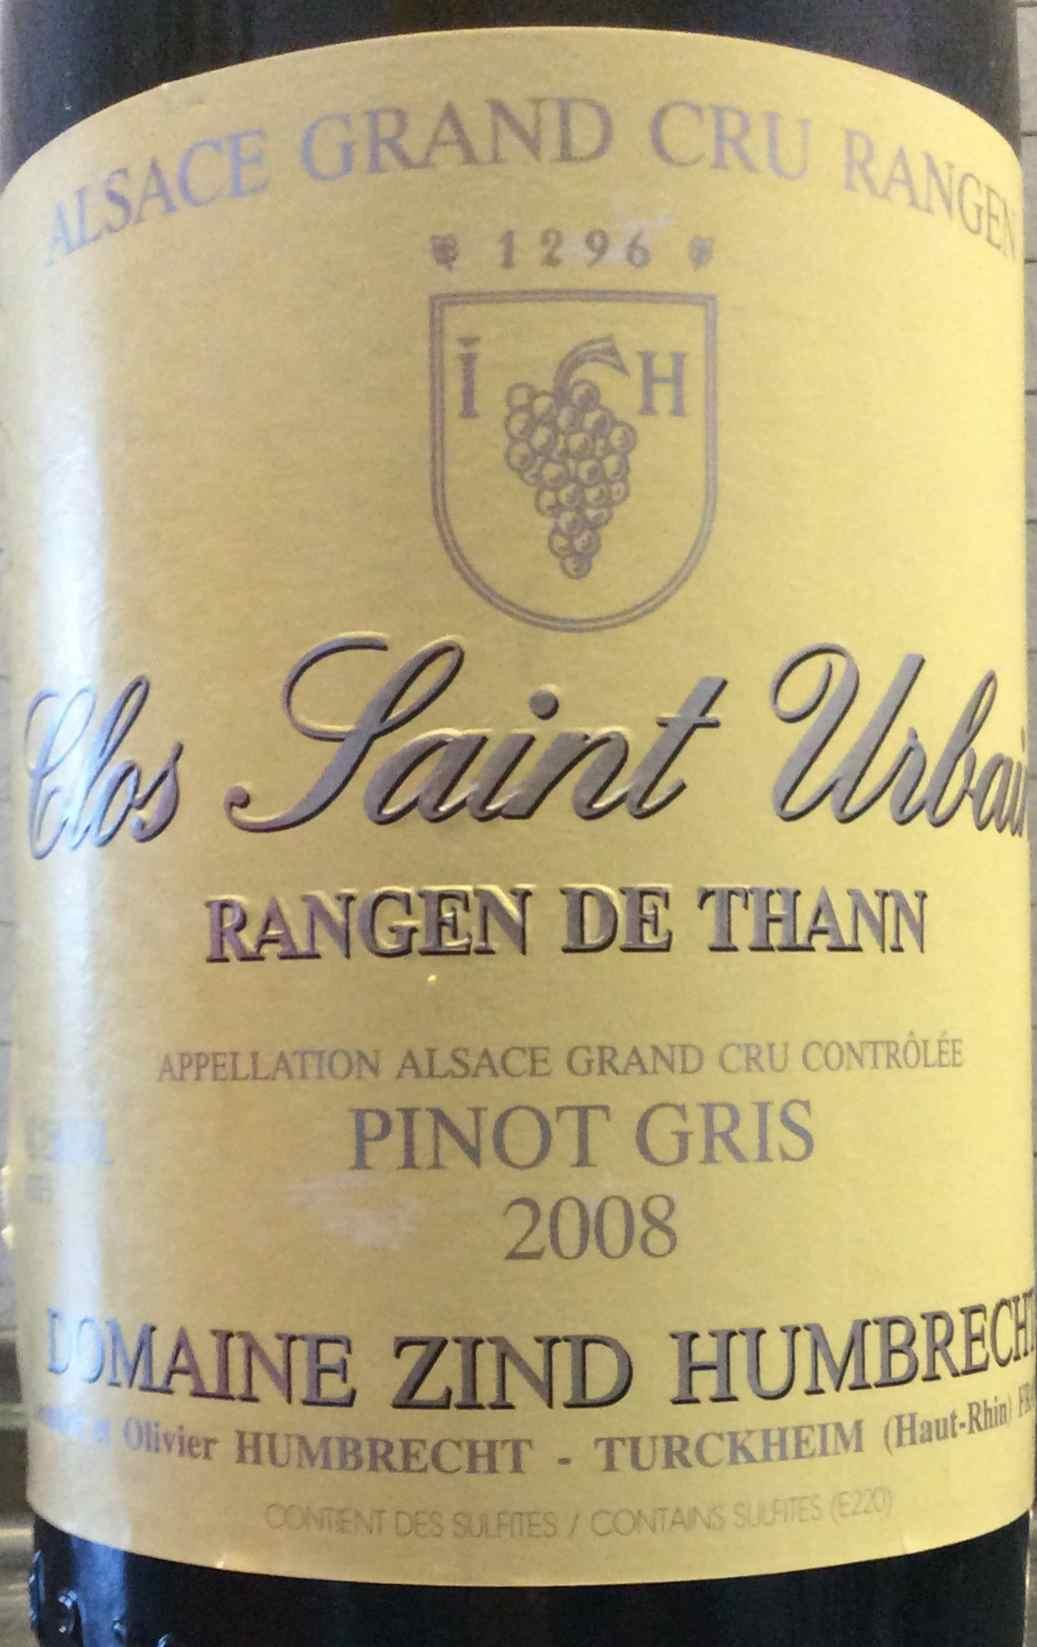 Pinot Gris Clos Saint Urbain Rangen 2008 Zind Humbrecht